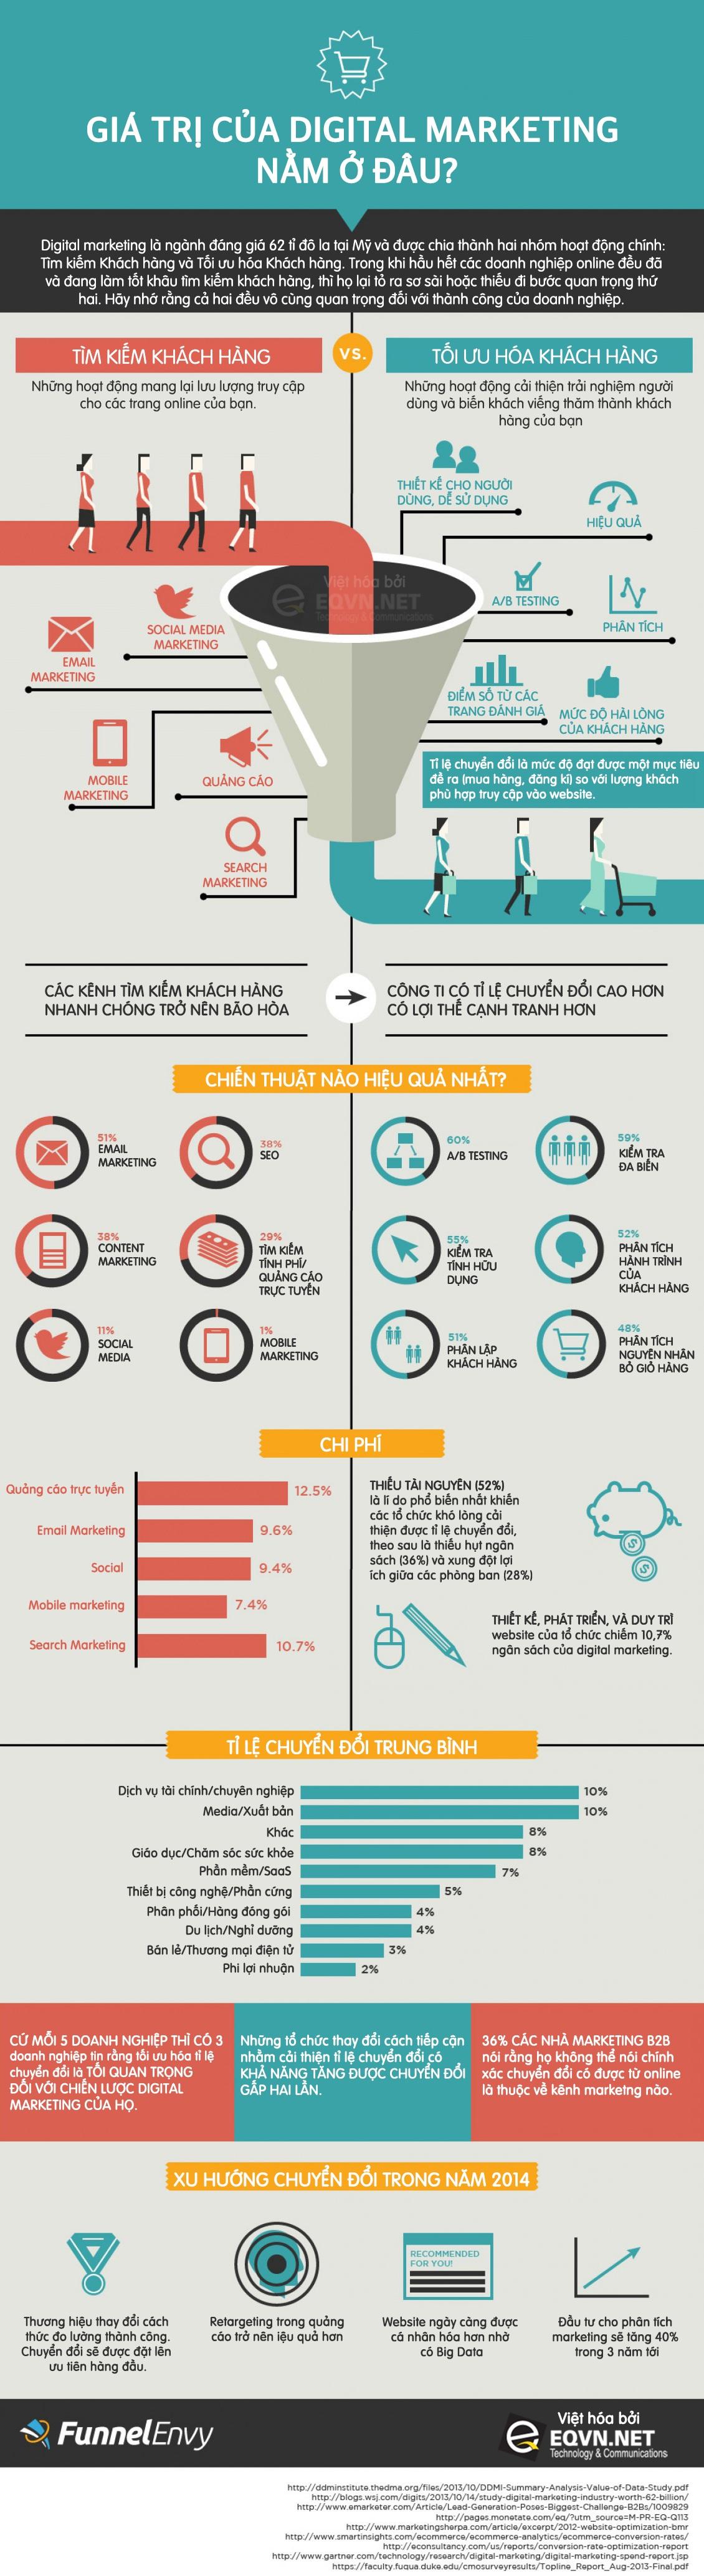 Infographic - Cách Thức Tạo Ra Giá Trị Của Digital Marketing